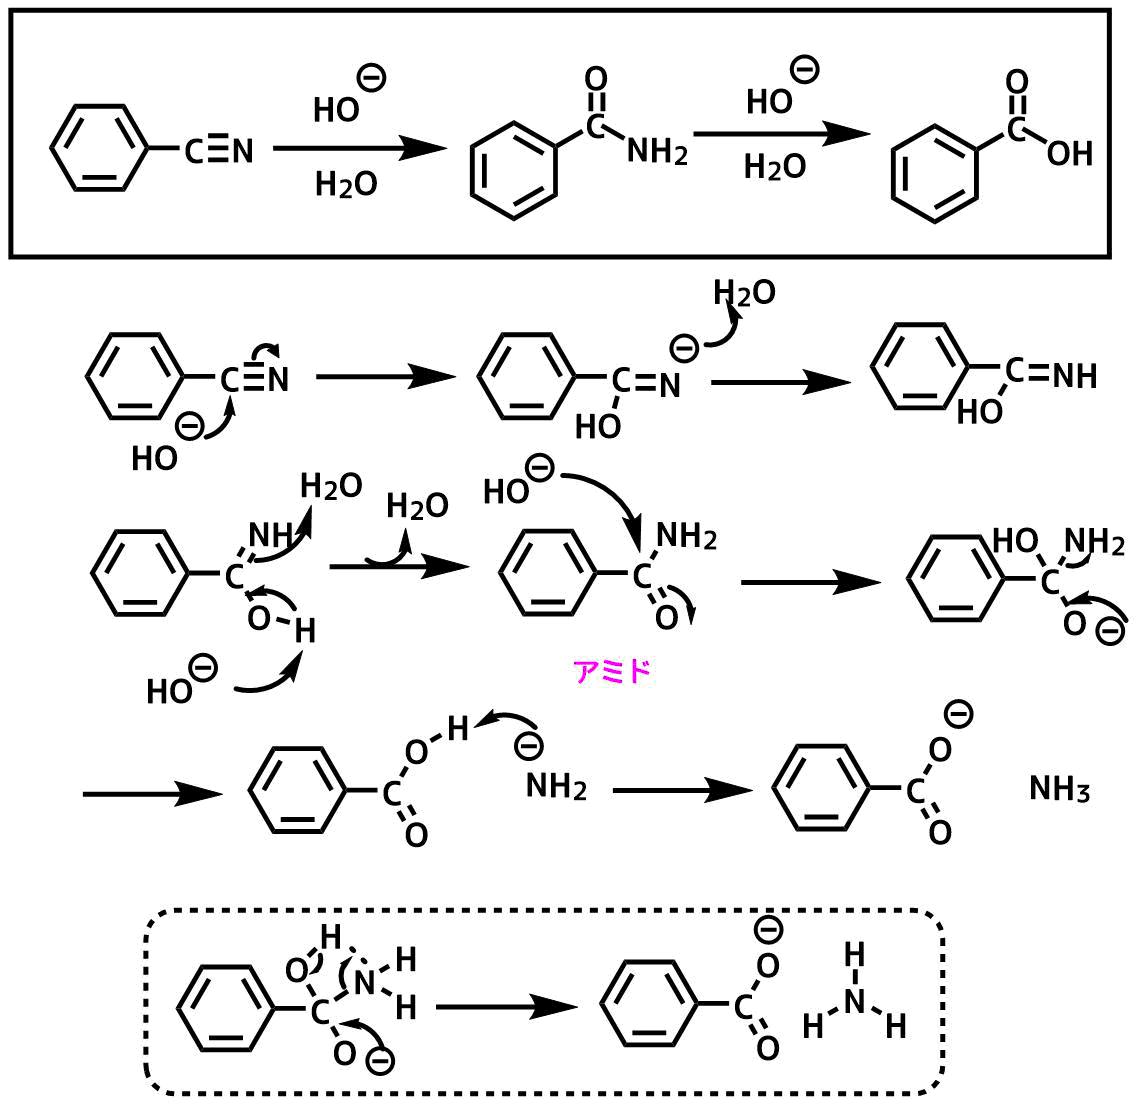 ベンゾニトリルの塩基加水分解反応機構